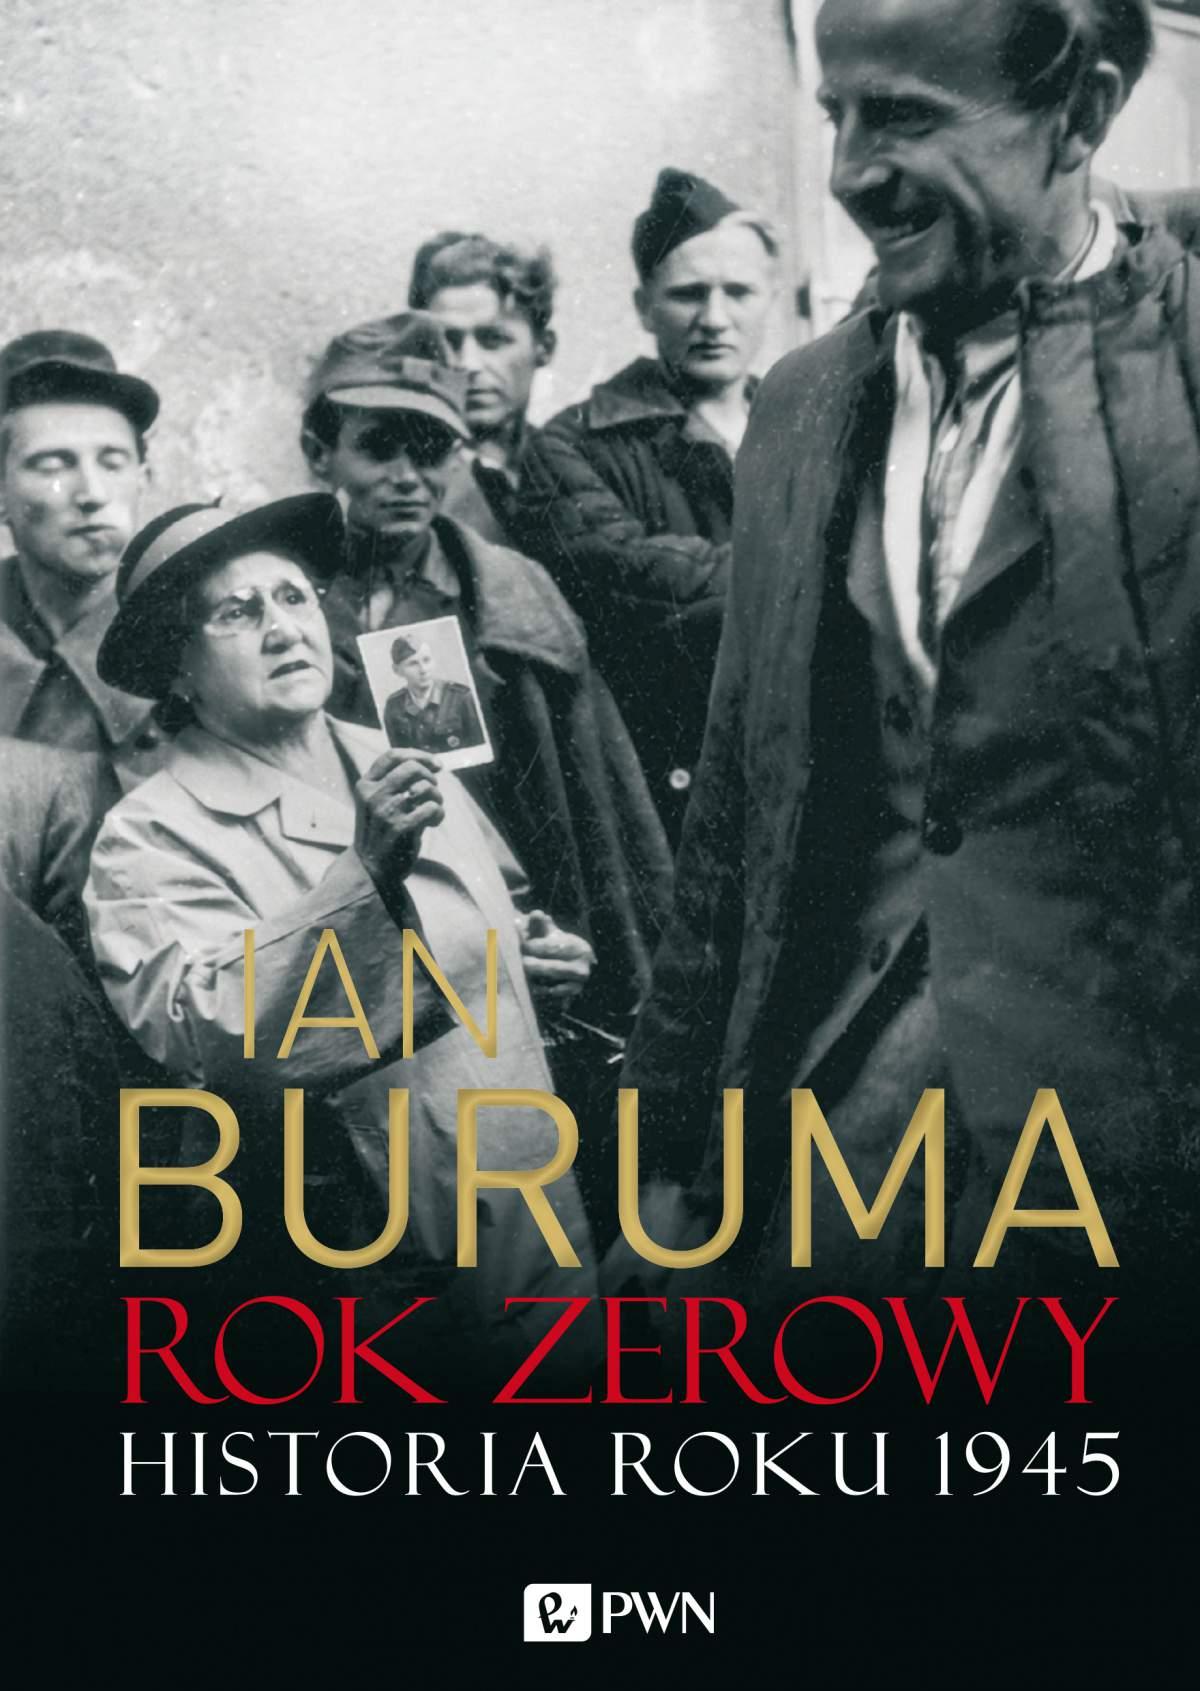 Rok zerowy. Historia roku 1945 - Ebook (Książka EPUB) do pobrania w formacie EPUB